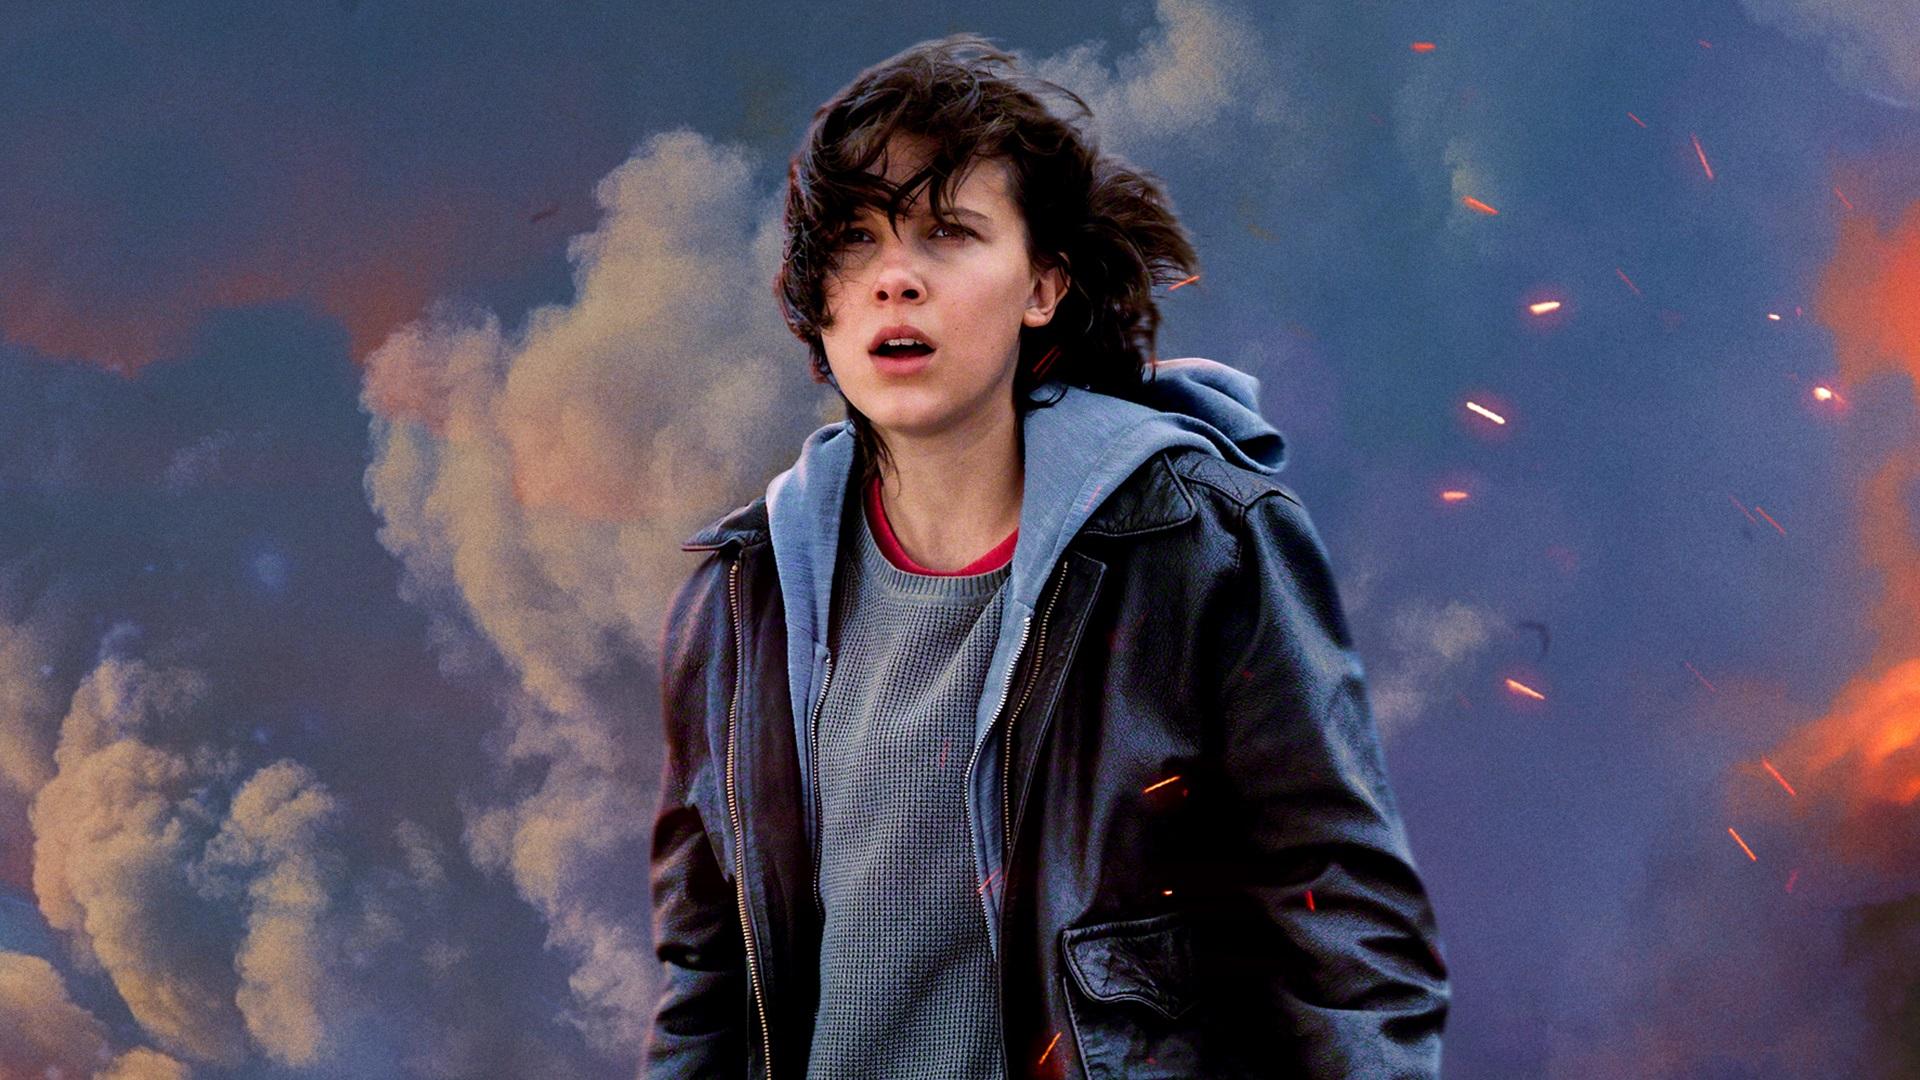 میلی بابی براون در نقش مدیسن / Godzilla: King of the Monsters | Courtesy of Warner Bros